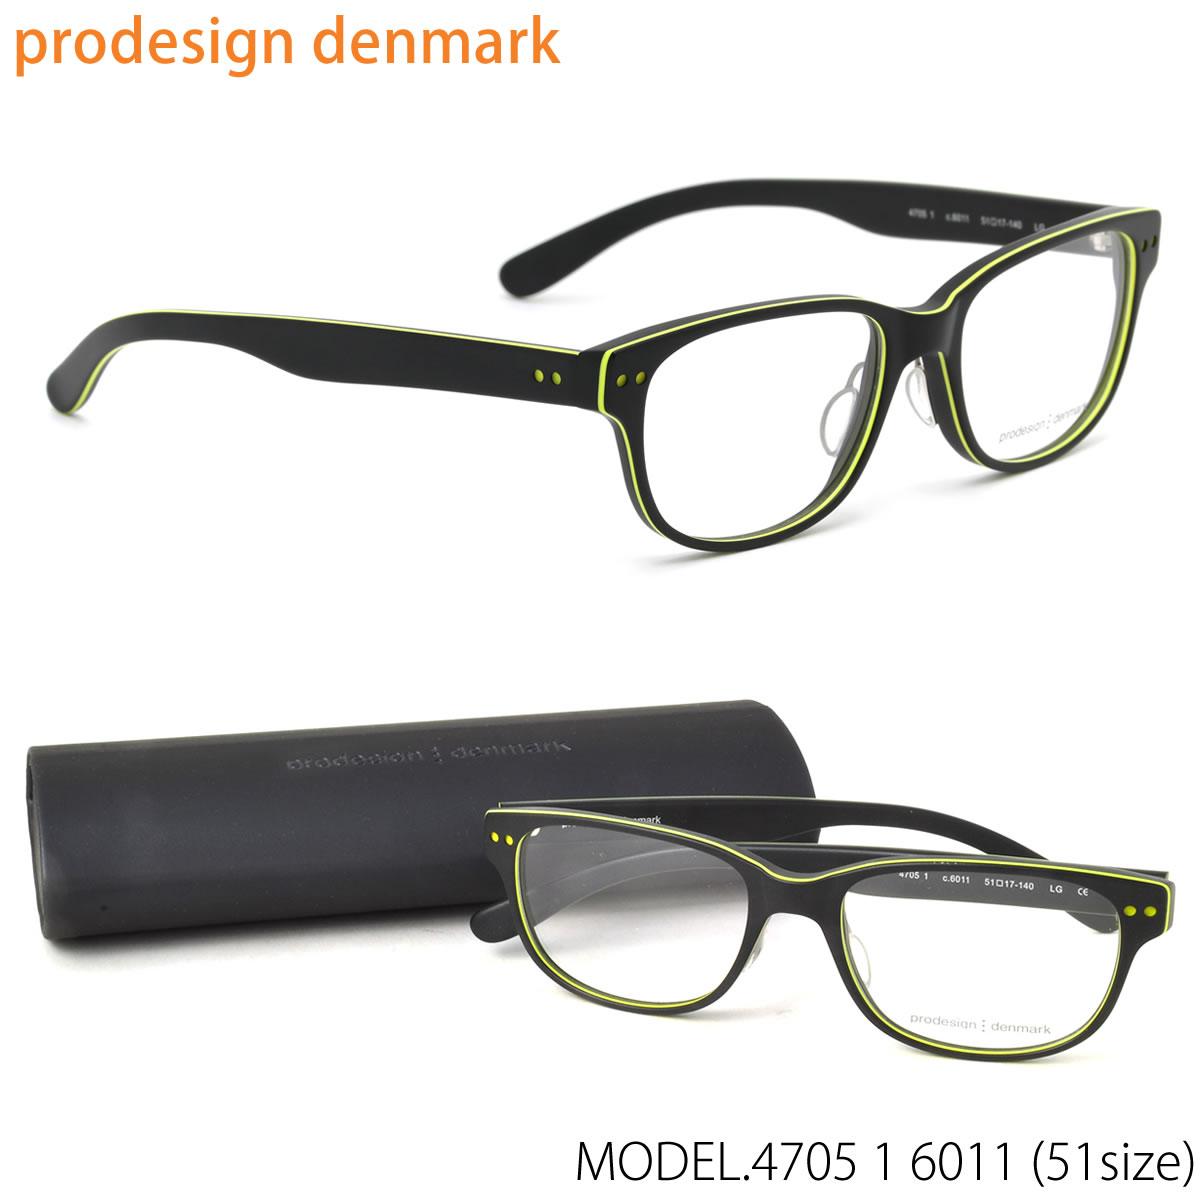 ほぼ全品ポイント15倍~最大43倍+3倍!お得なクーポンも! prodesign:denmark(プロデザインデンマーク) メガネ フレーム 4705-1 6011 51 北欧 ウェリントン 伊達メガネレンズ無料 プロデザインデンマーク prodesign:denmark